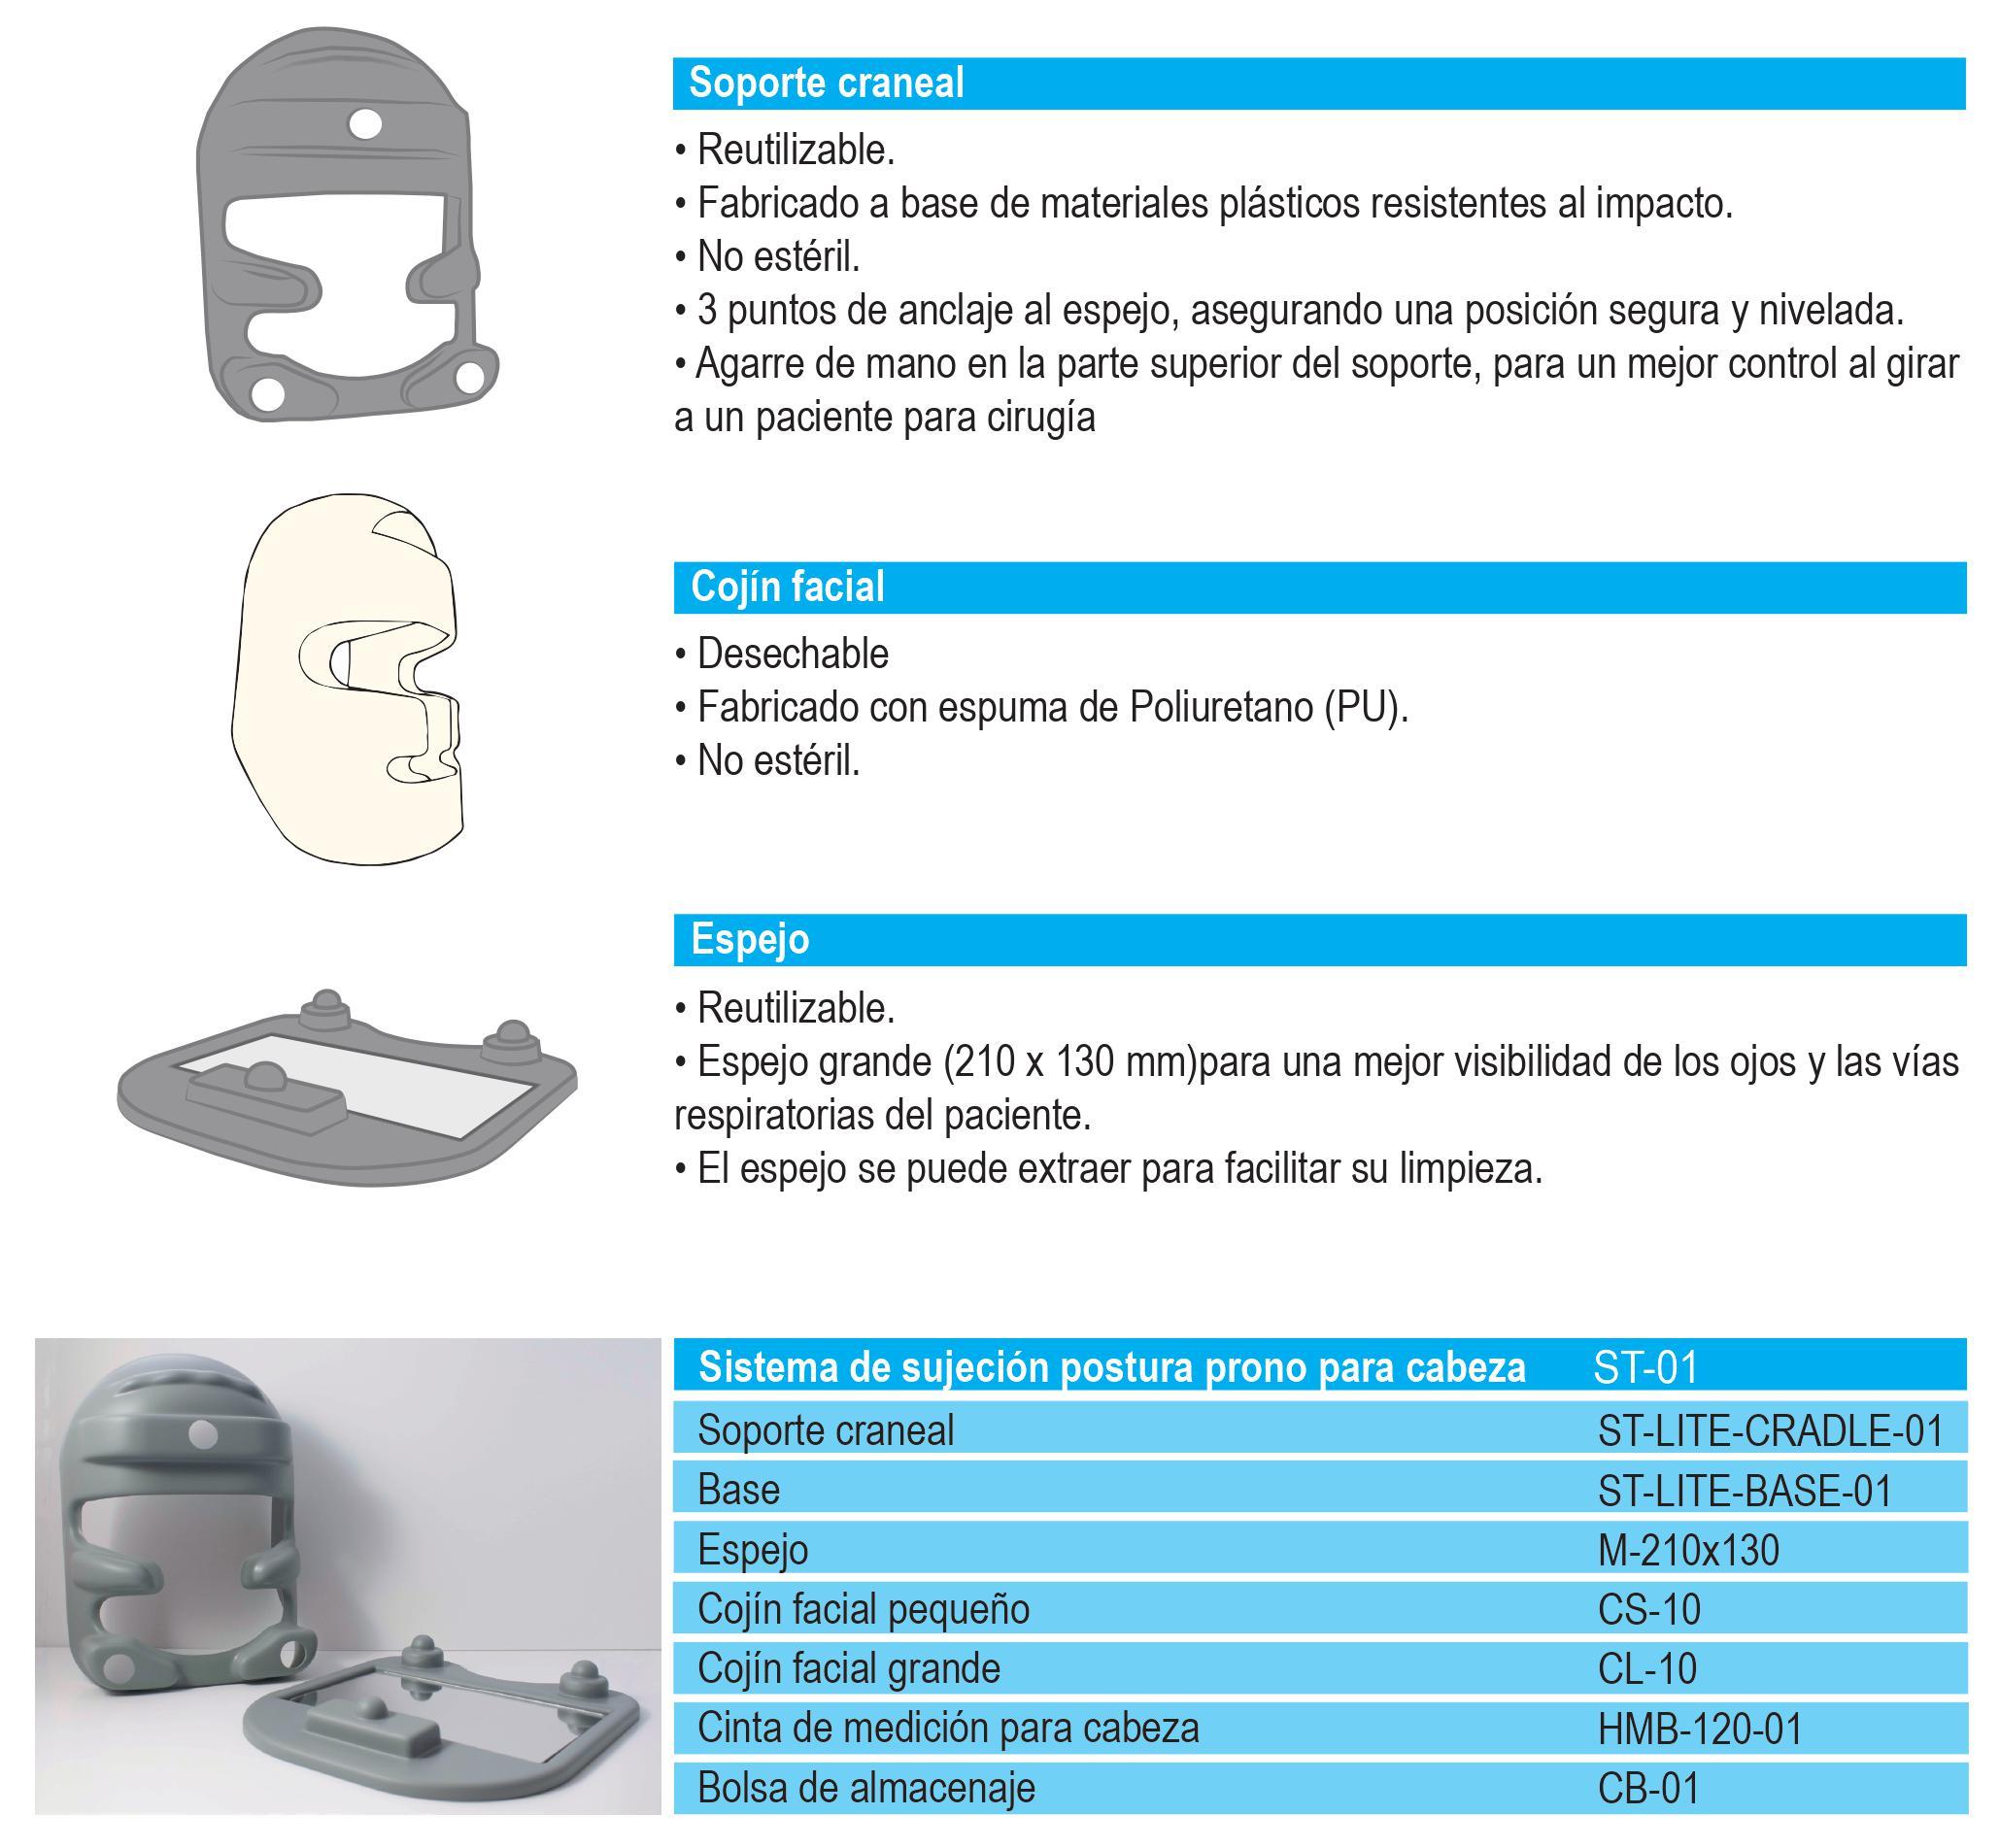 Soporte para posicion prono cabeza - Guantes de Vinilo, Latex y Nitrilo - Bolsas de Autocierre